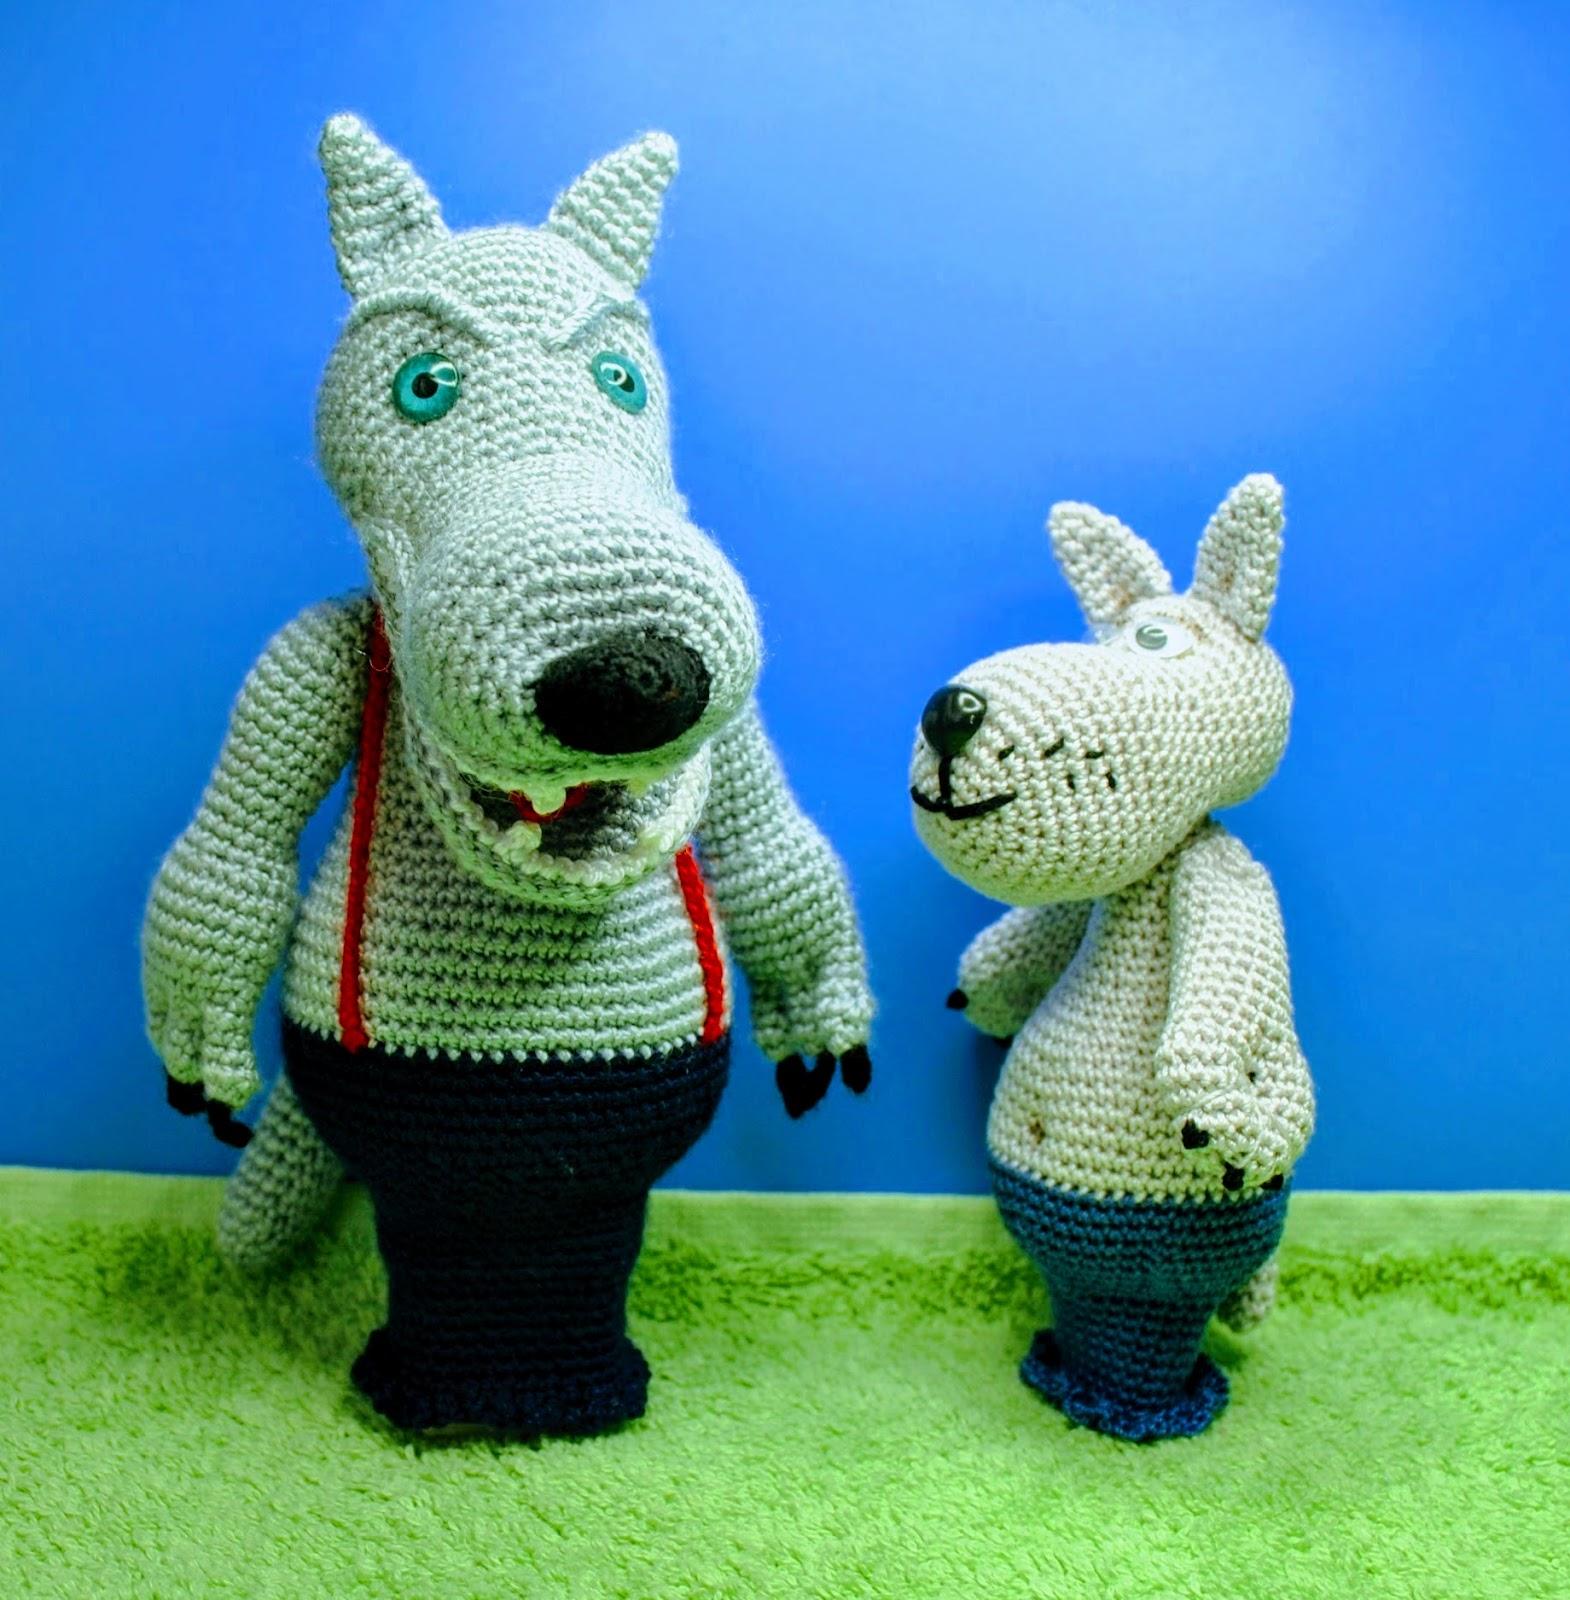 Ella's Crocheted Toys: Two Wolfs Free Crochet Pattern